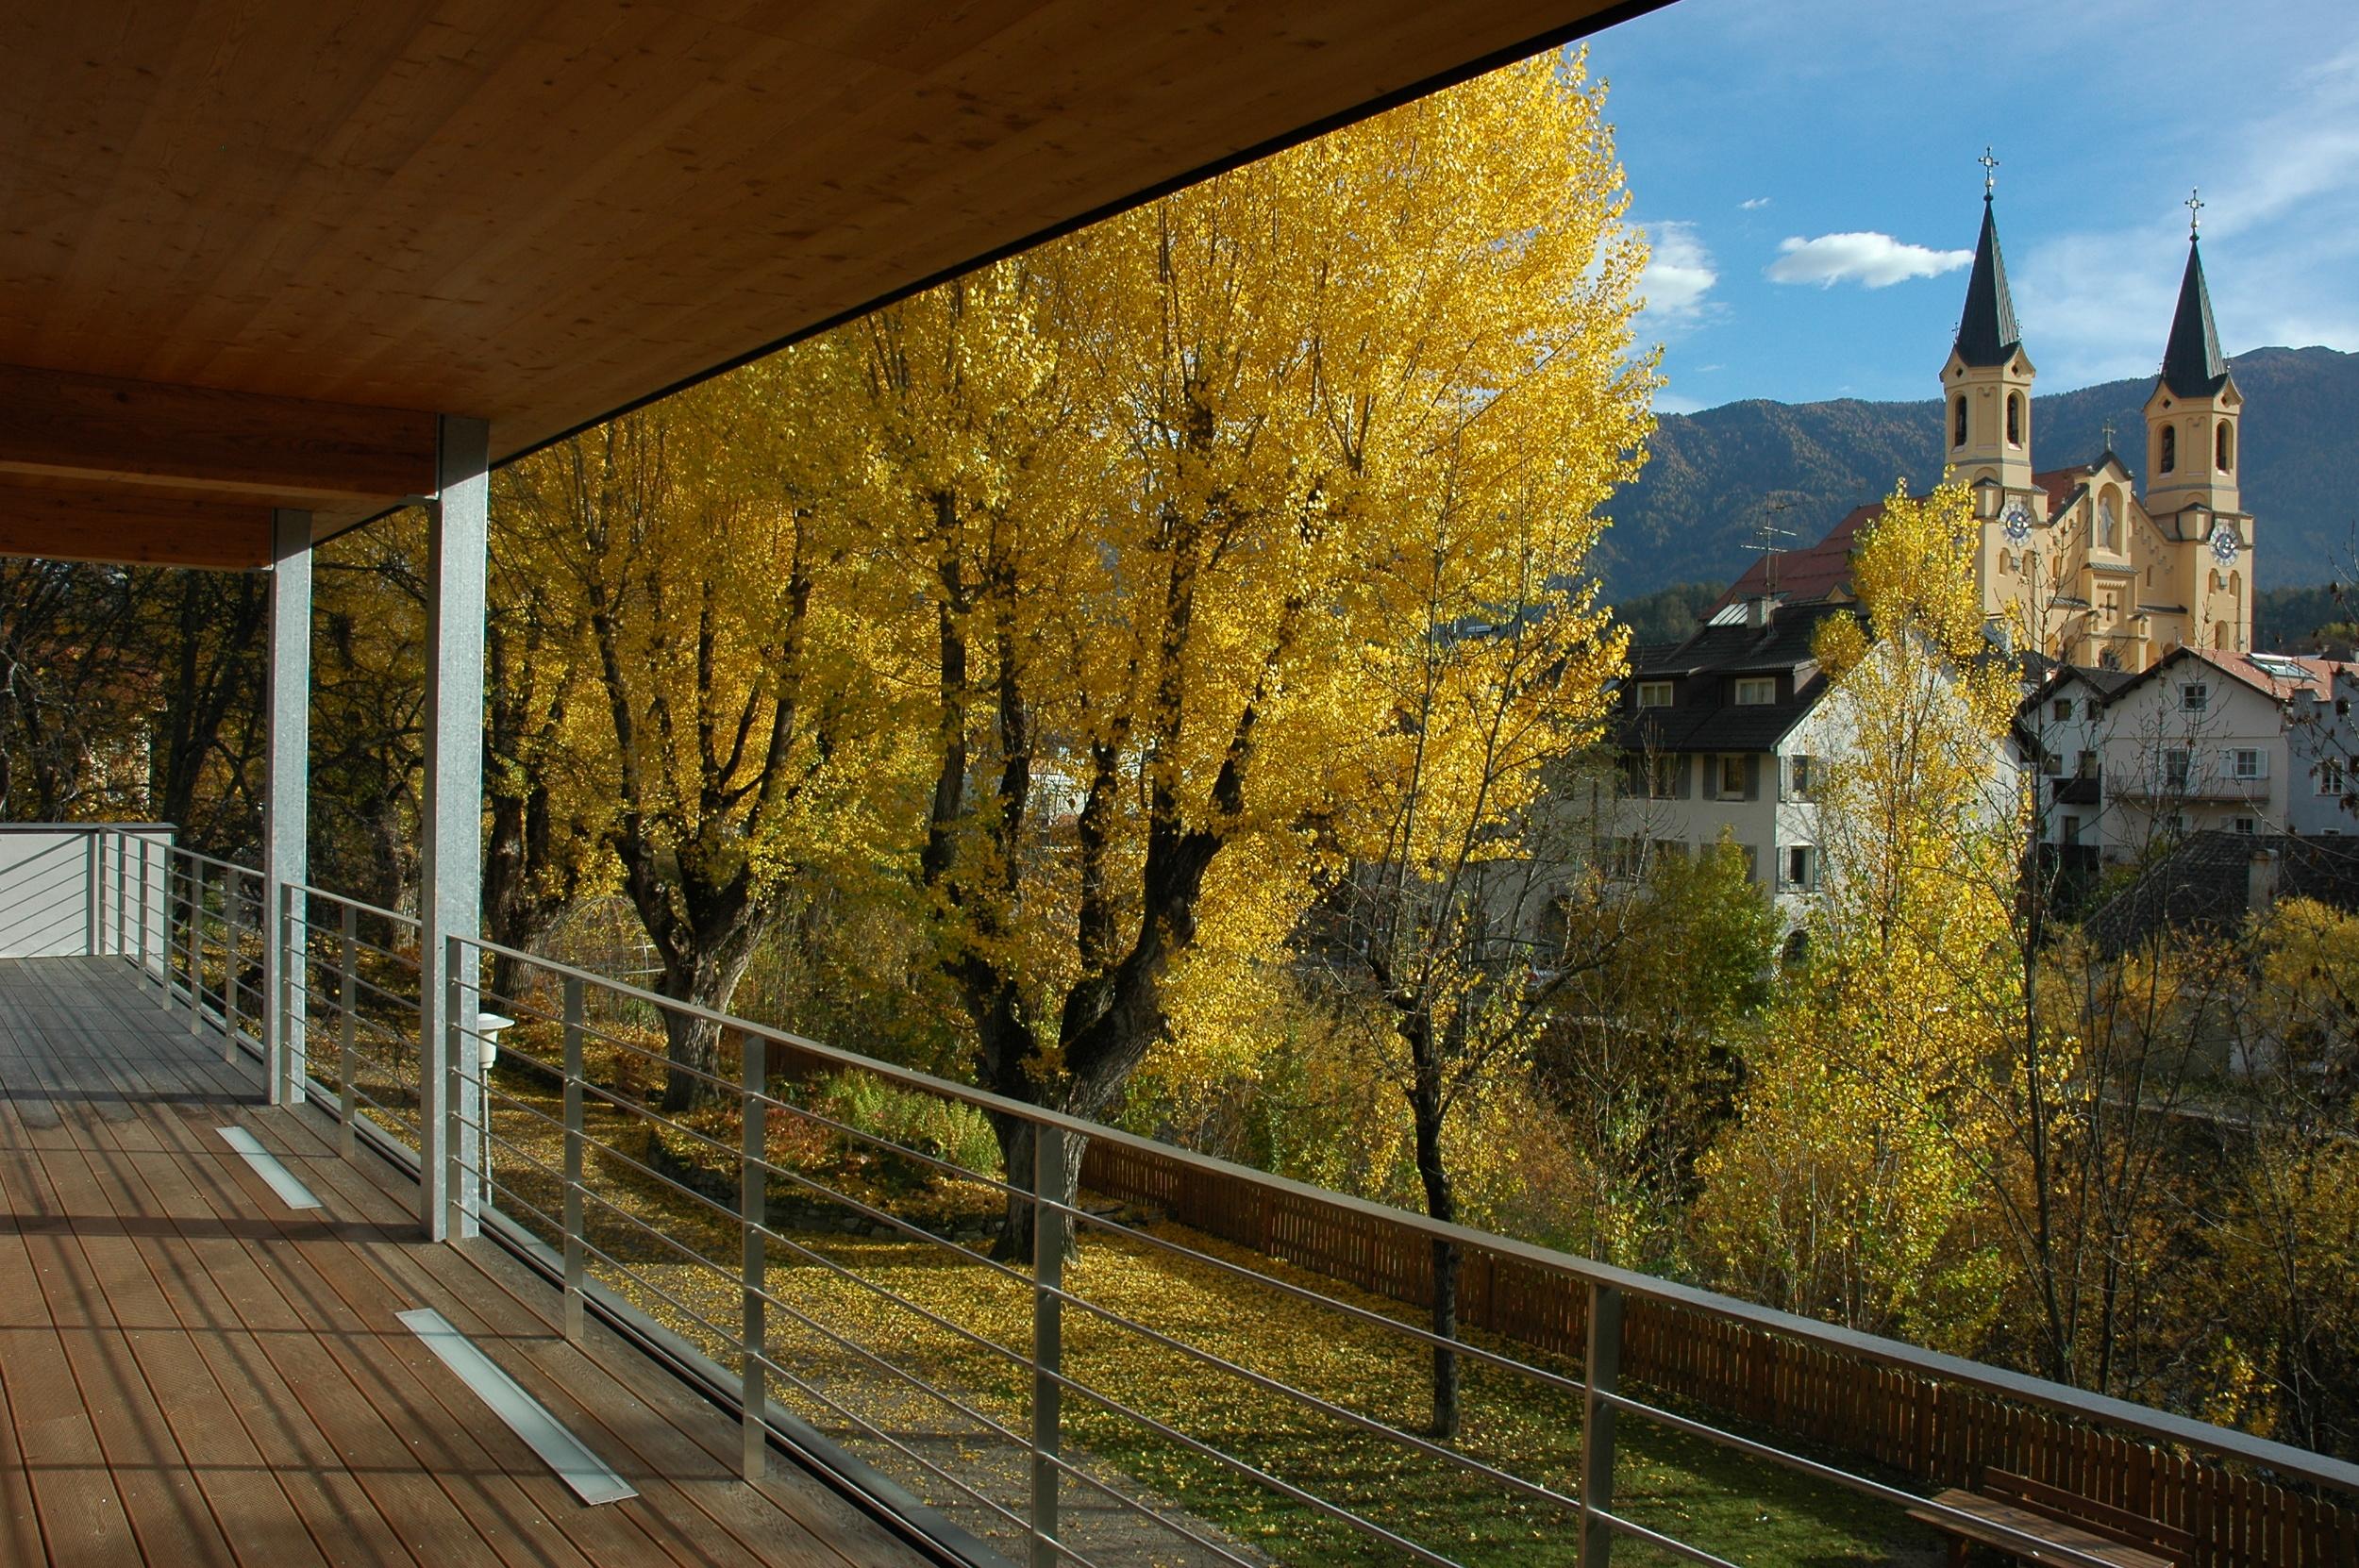 PSA Büro 2006-10 Herbst063.JPG